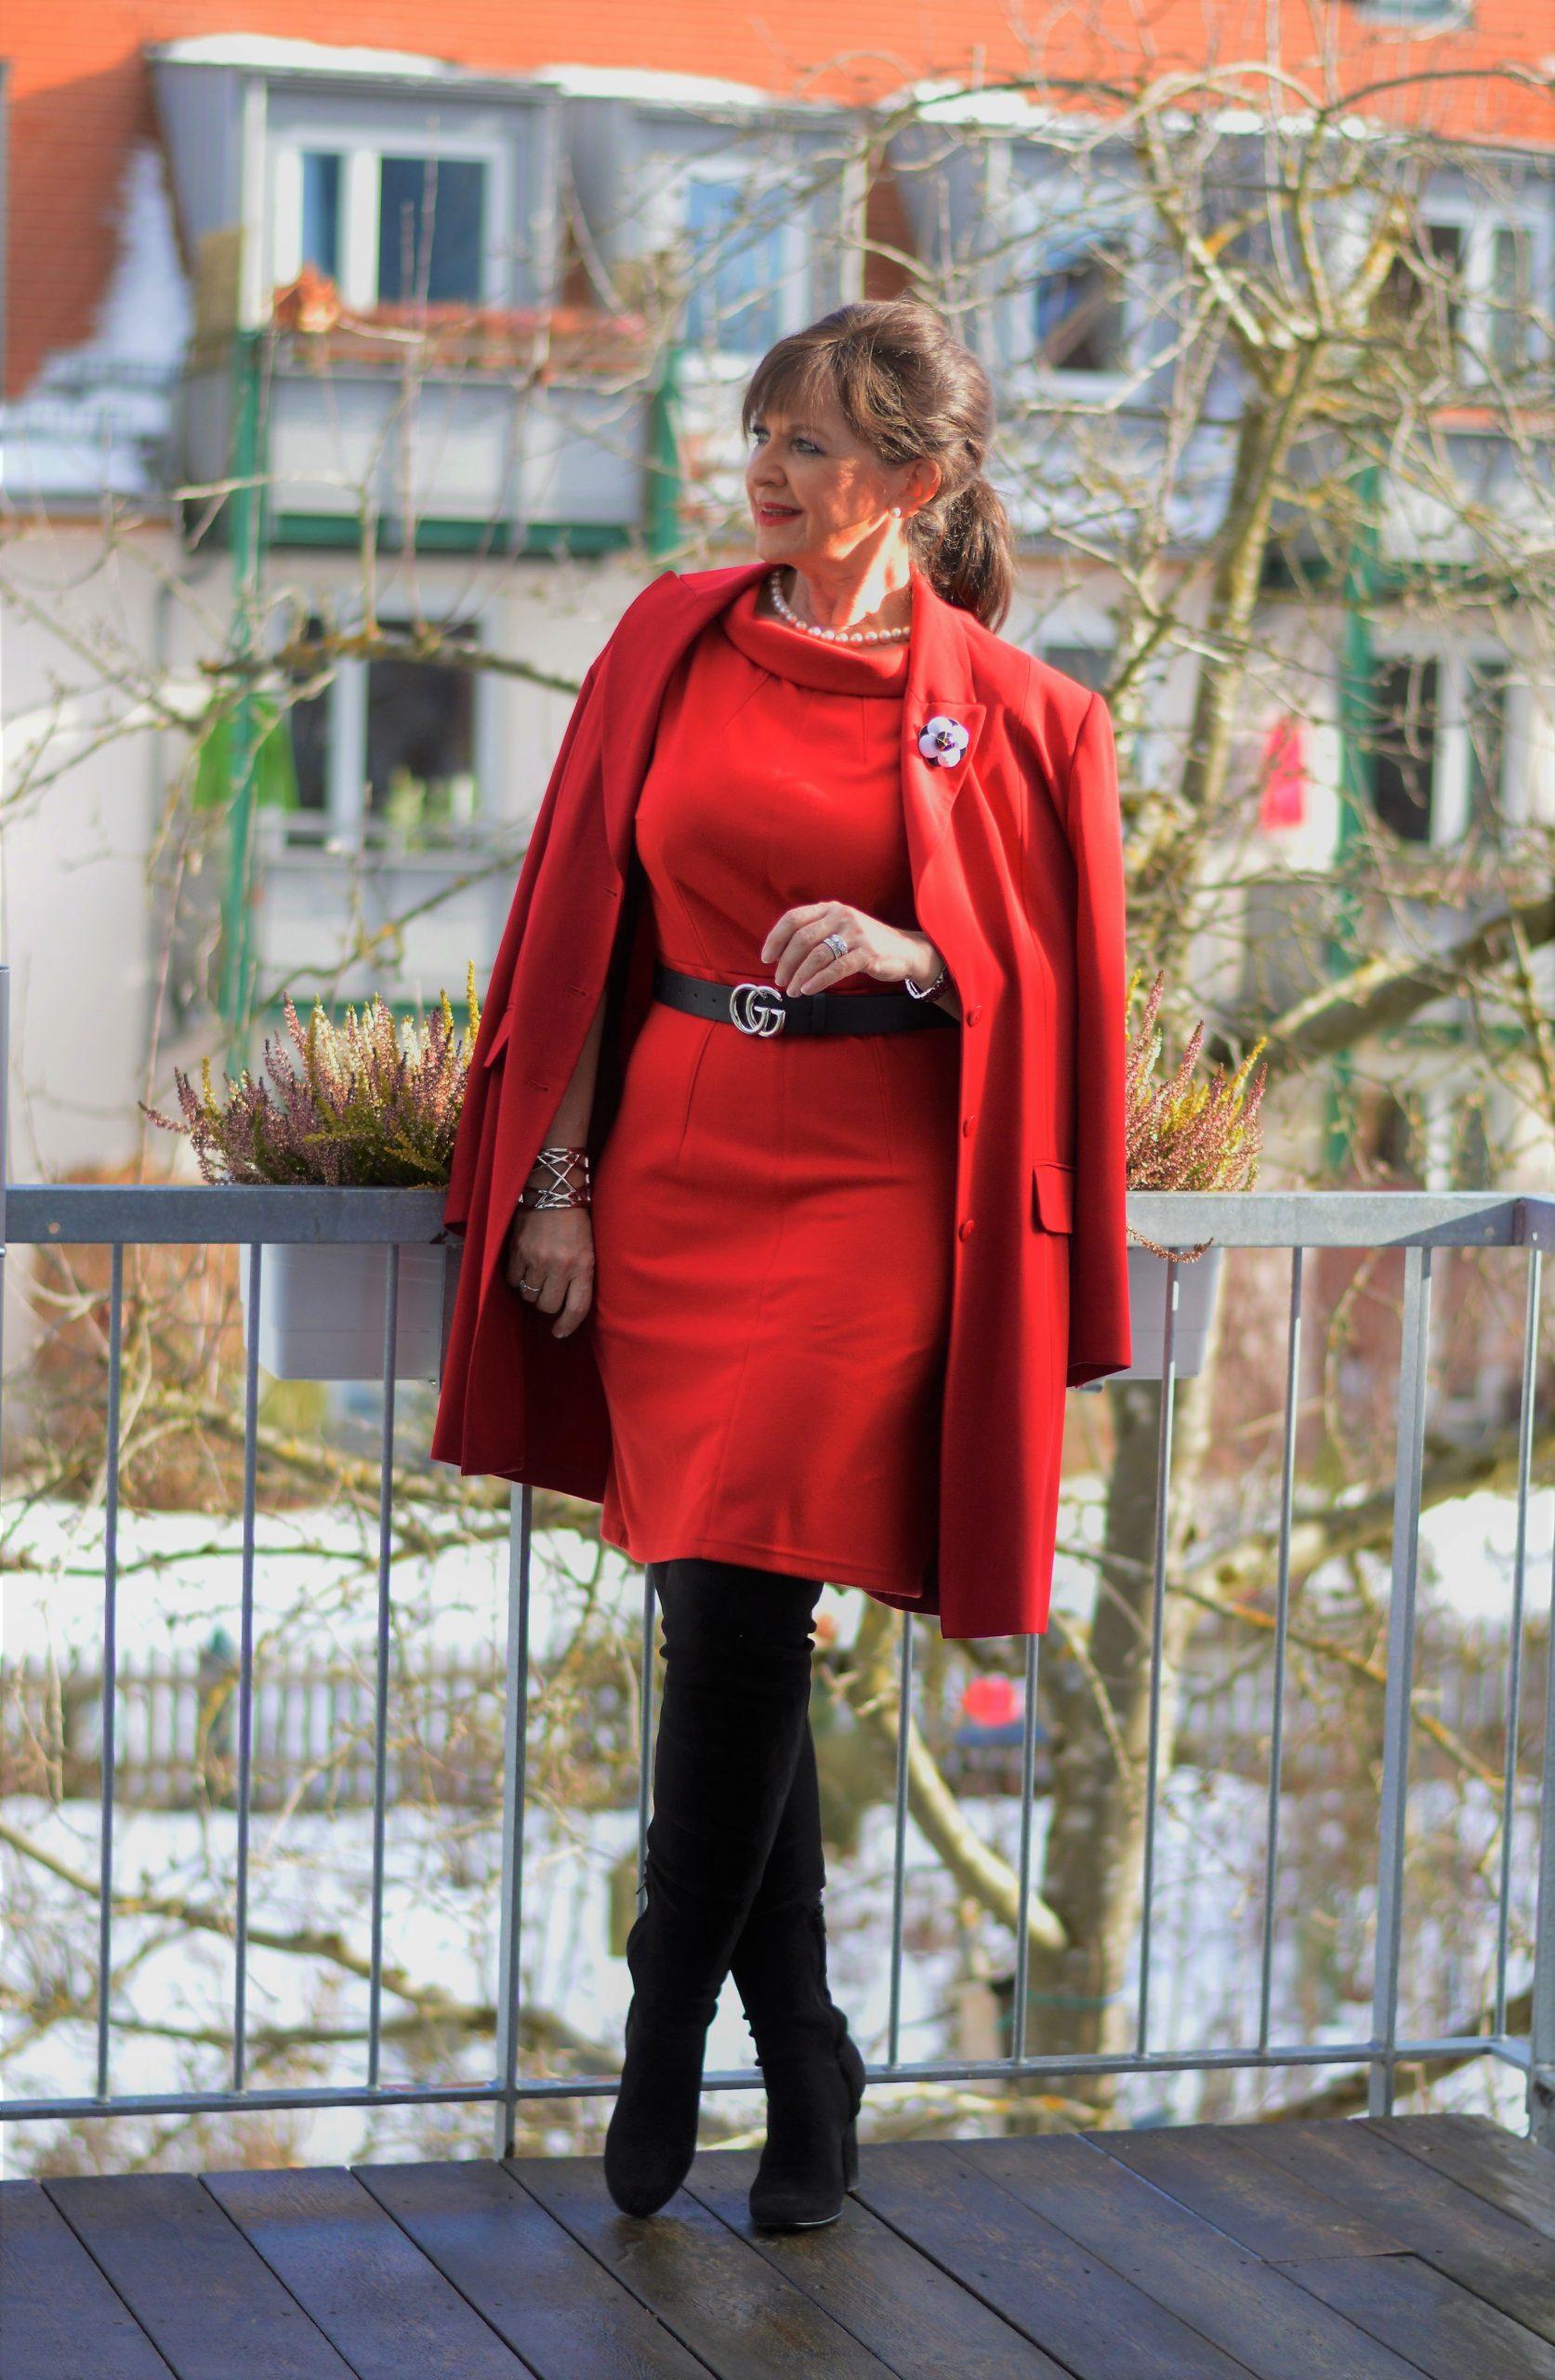 Frauen 50plus im roten Kleid